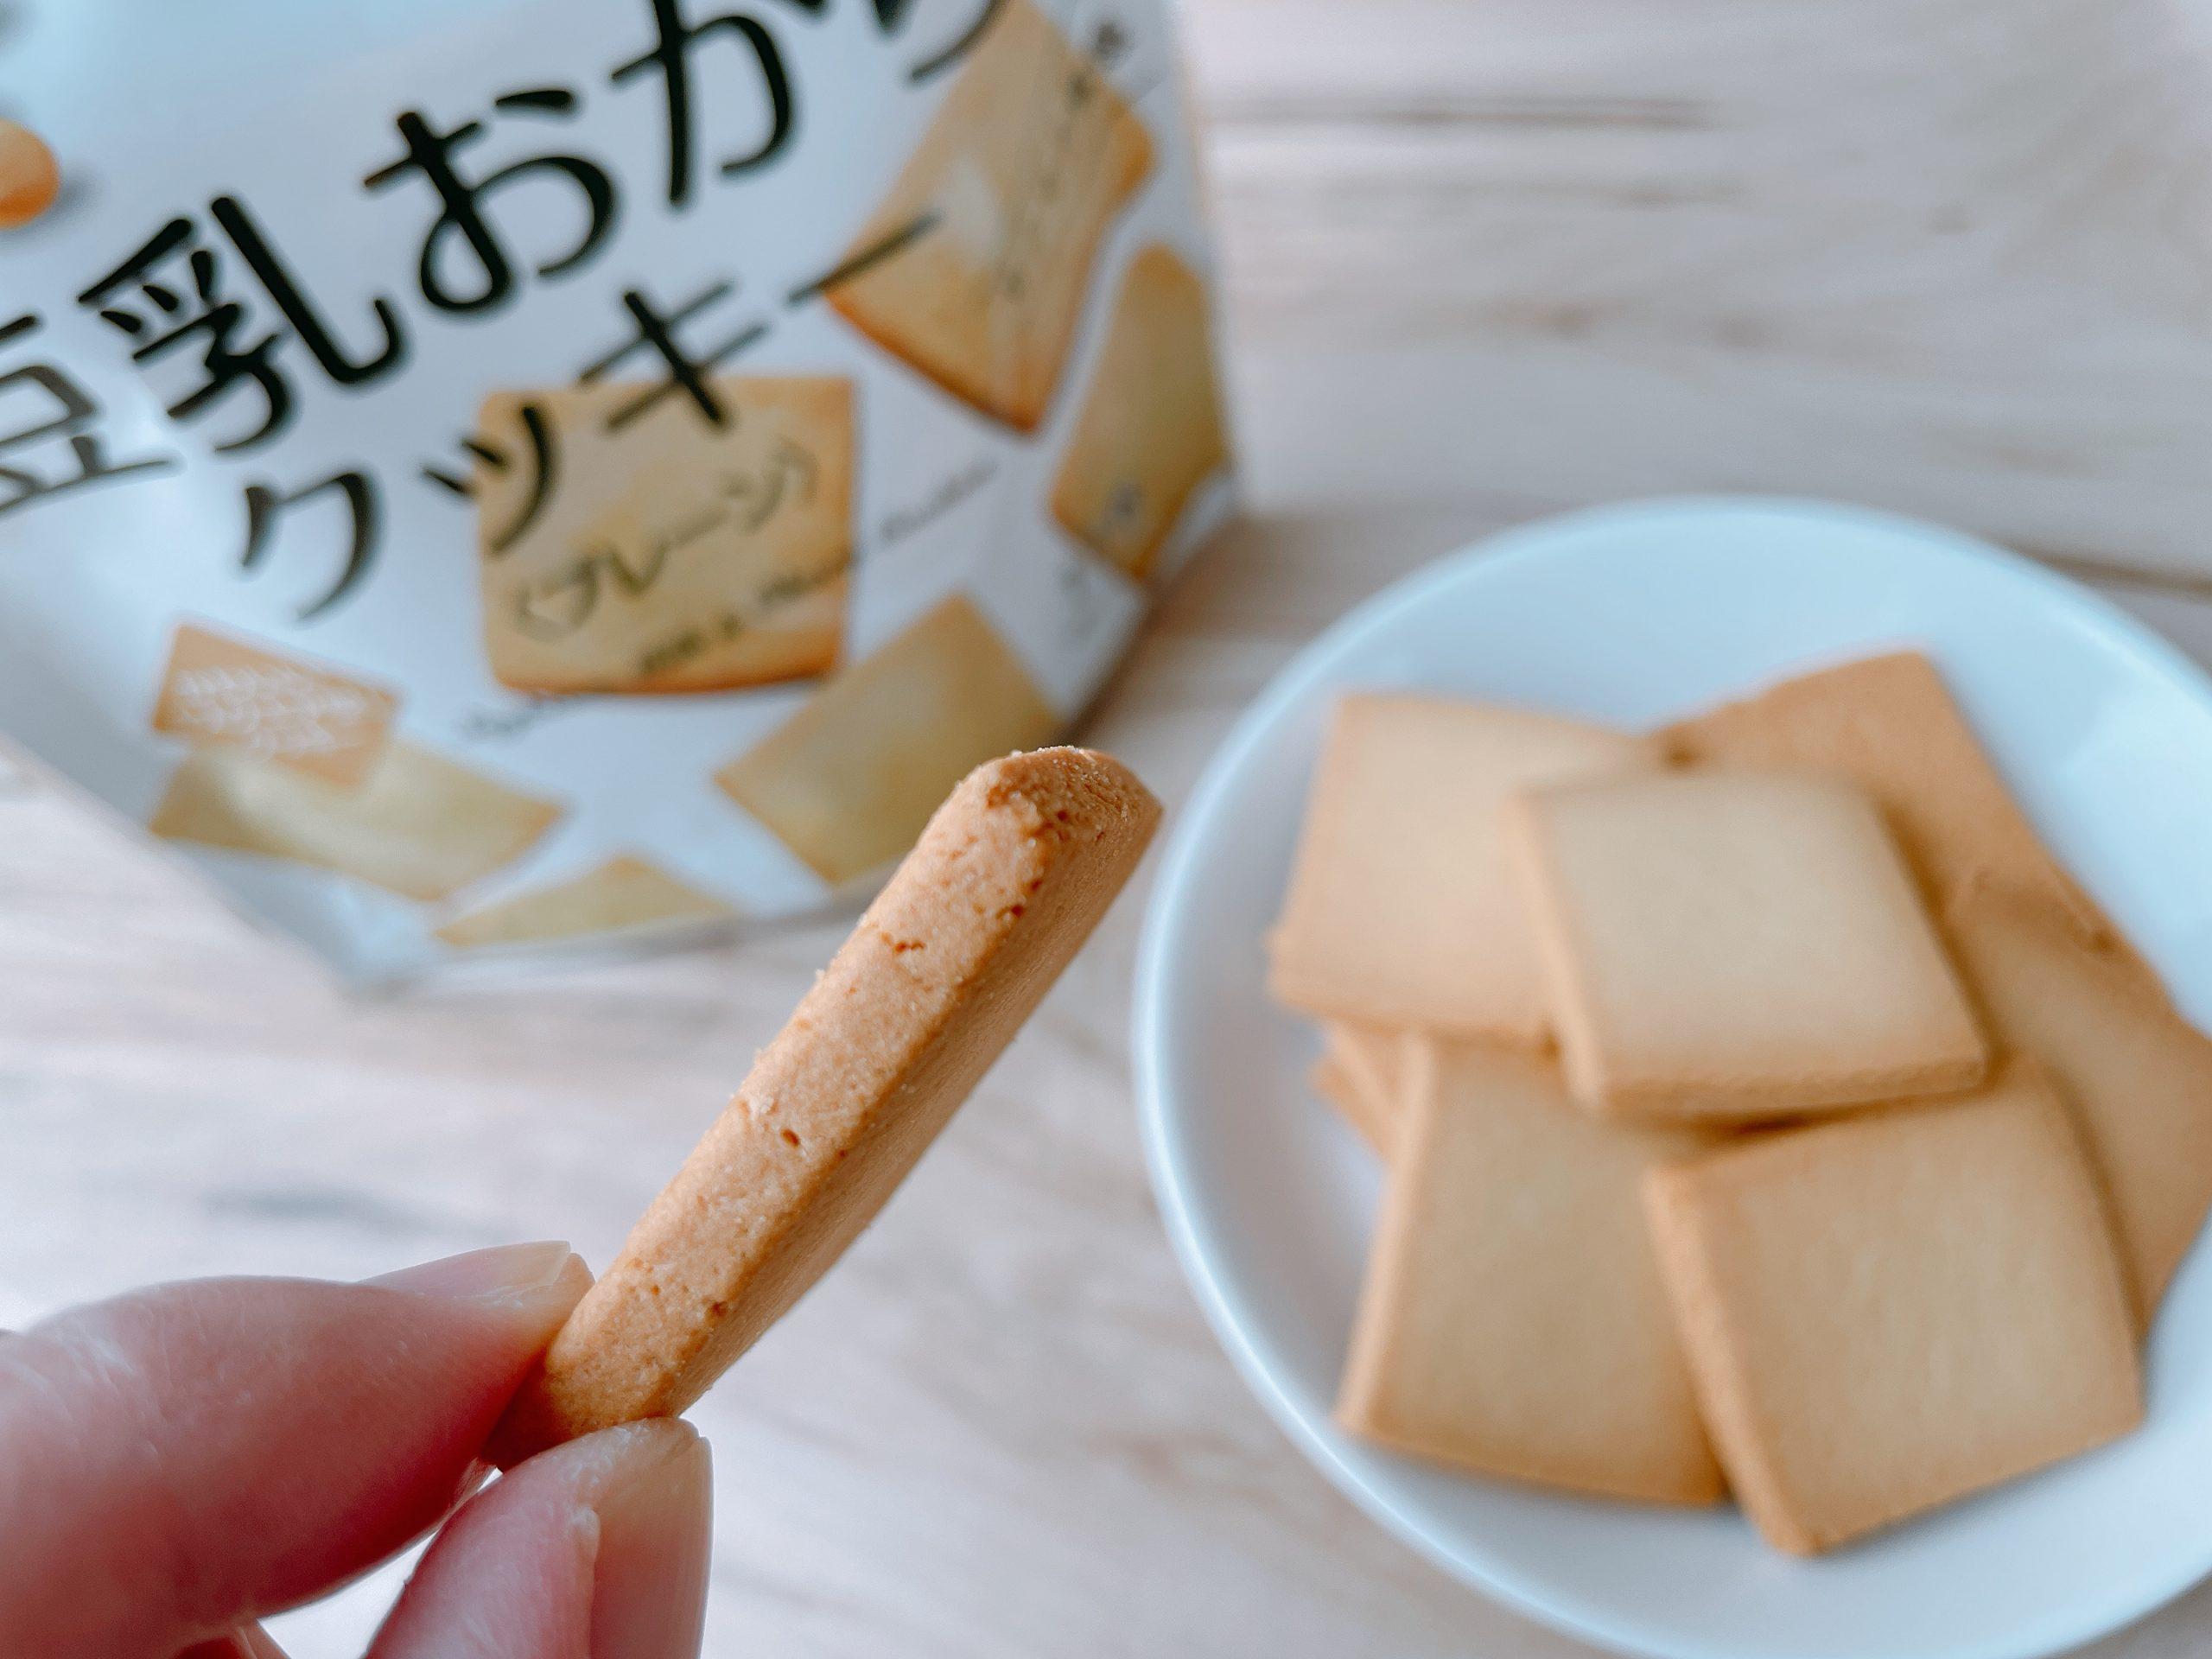 豆乳おからクッキー<プレーン>割と硬めな方で、若干粉っぽさもあります